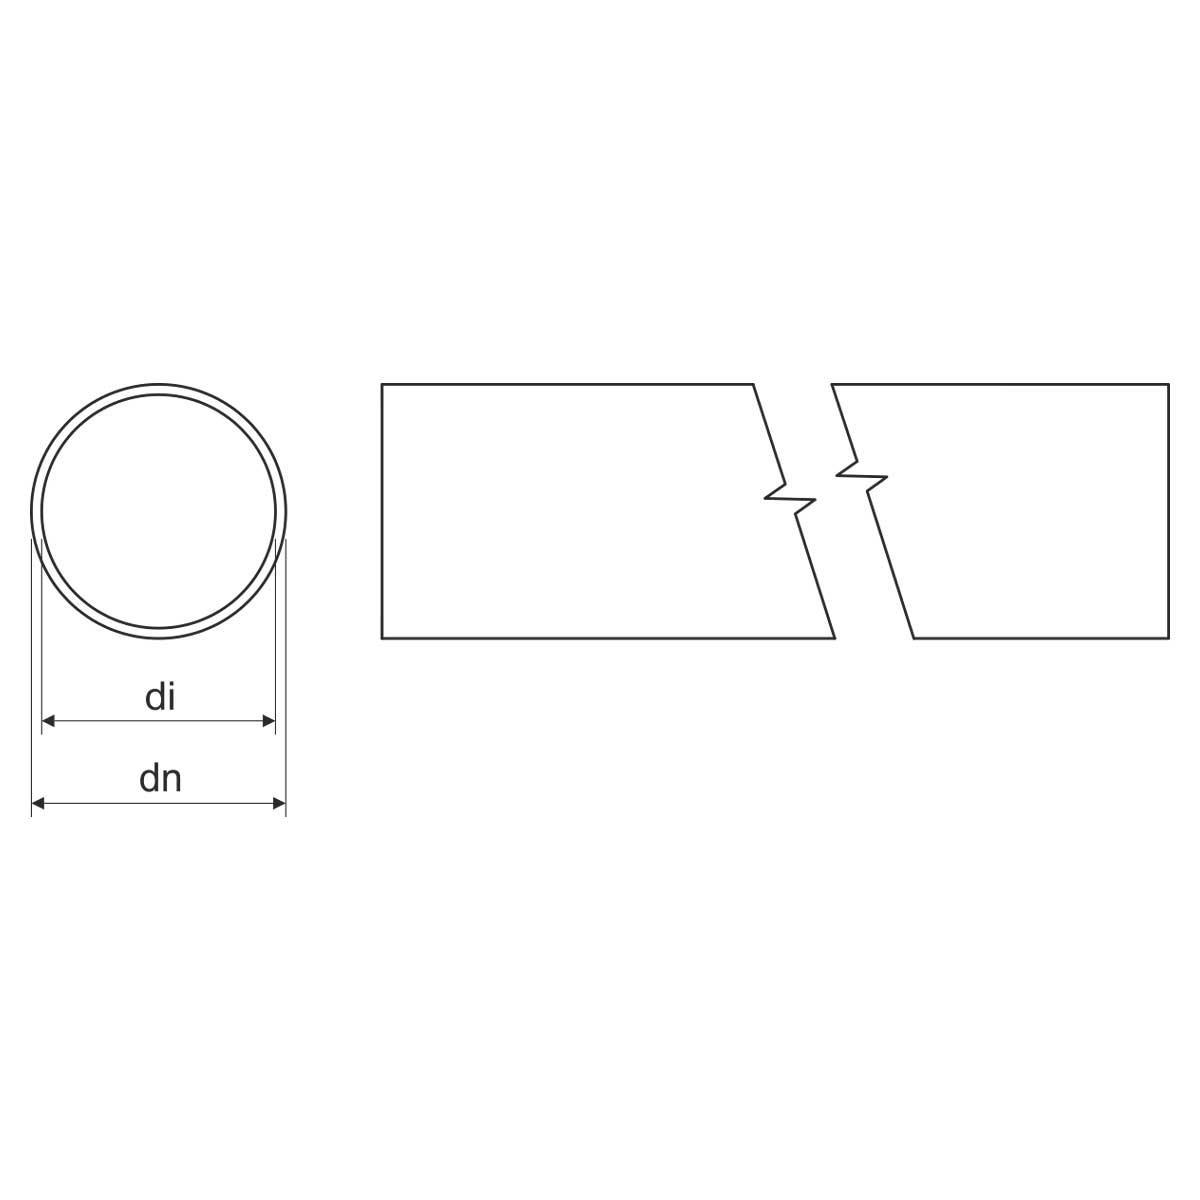 Труба сталева, гаряча оцинковка зануренням, без різьби; діам зовн 40; внутр 34,4;  довжина 3м (ЕN) ст. к 4